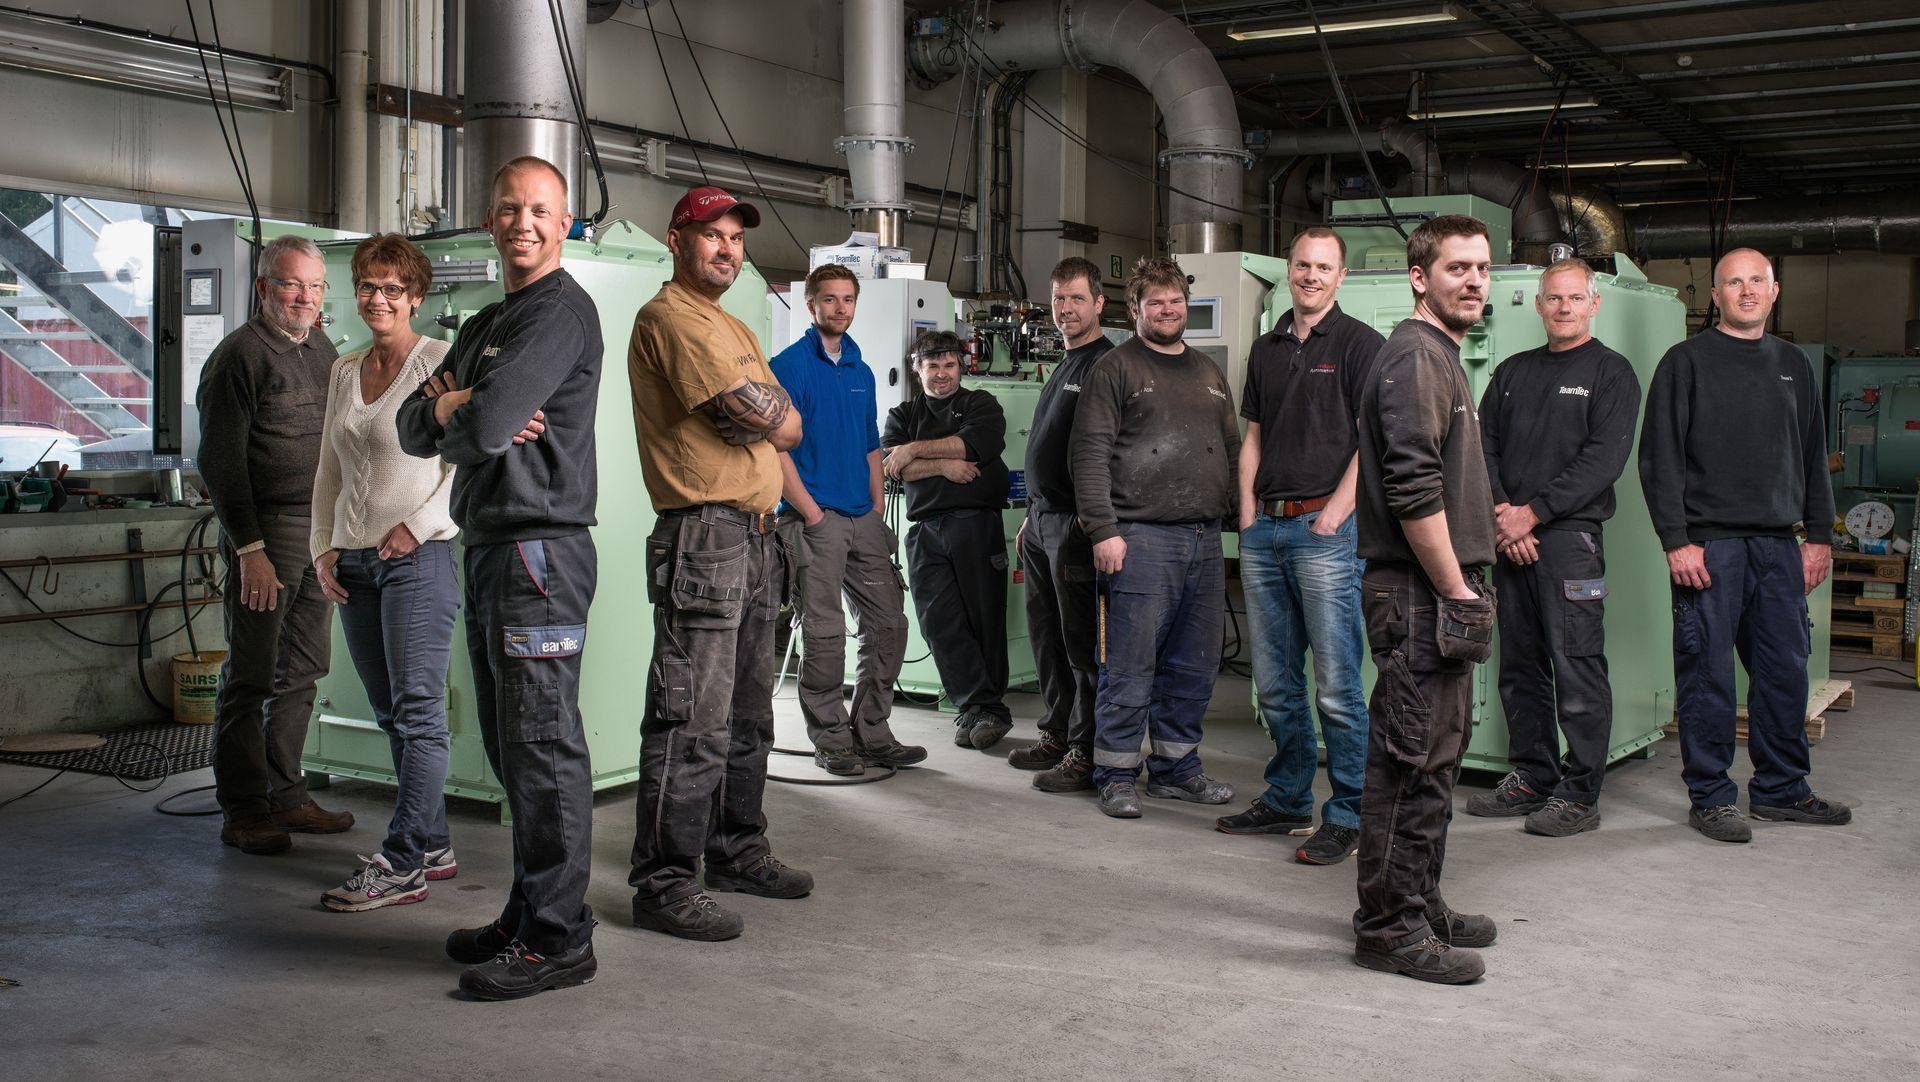 TeamTec utvikler, produserer og leverer forbrenningssystemer og scrubbere. Kristian Kristoffersen er teknisk sjef, og står som nummer fire fra høyre.